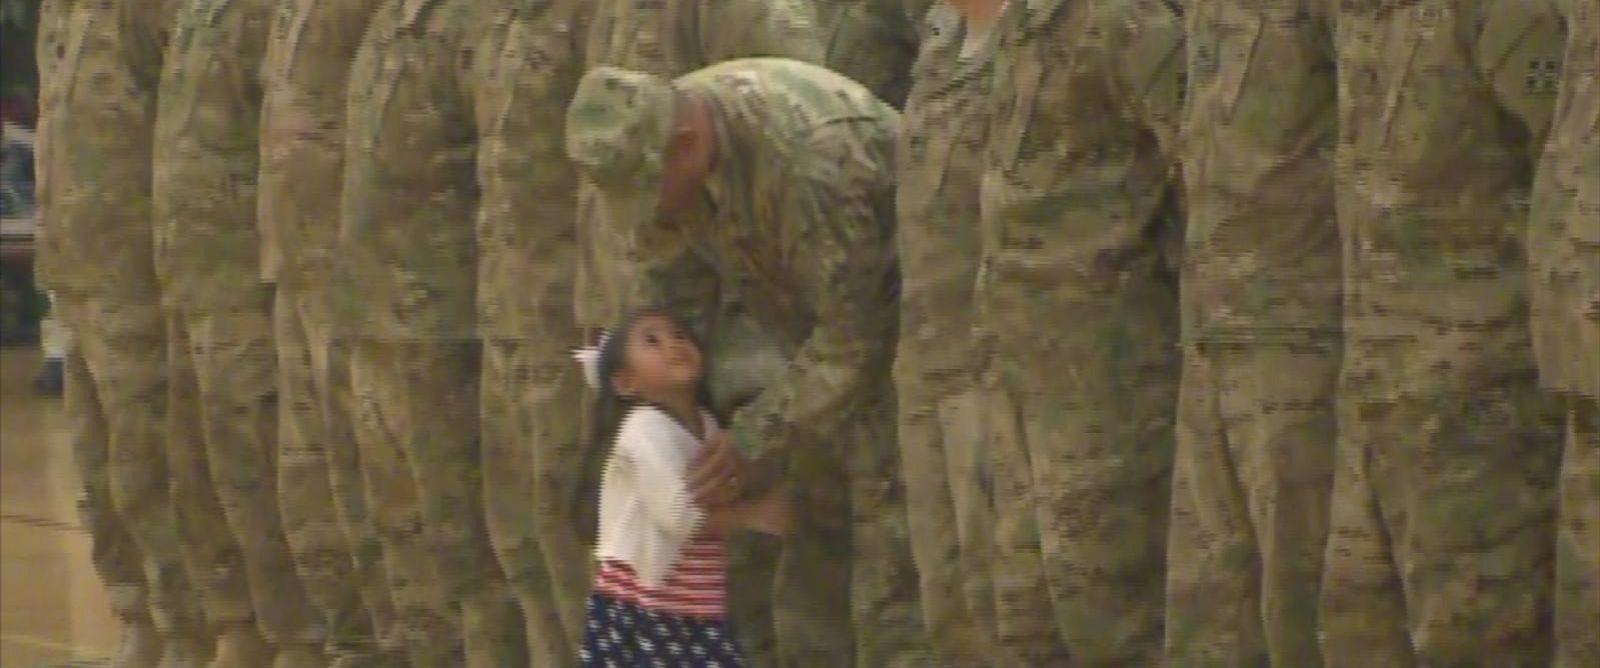 Il padre marine torna dal Kuwait, la bambina interrompe la cerimonia per abbracciarlo [VIDEO]